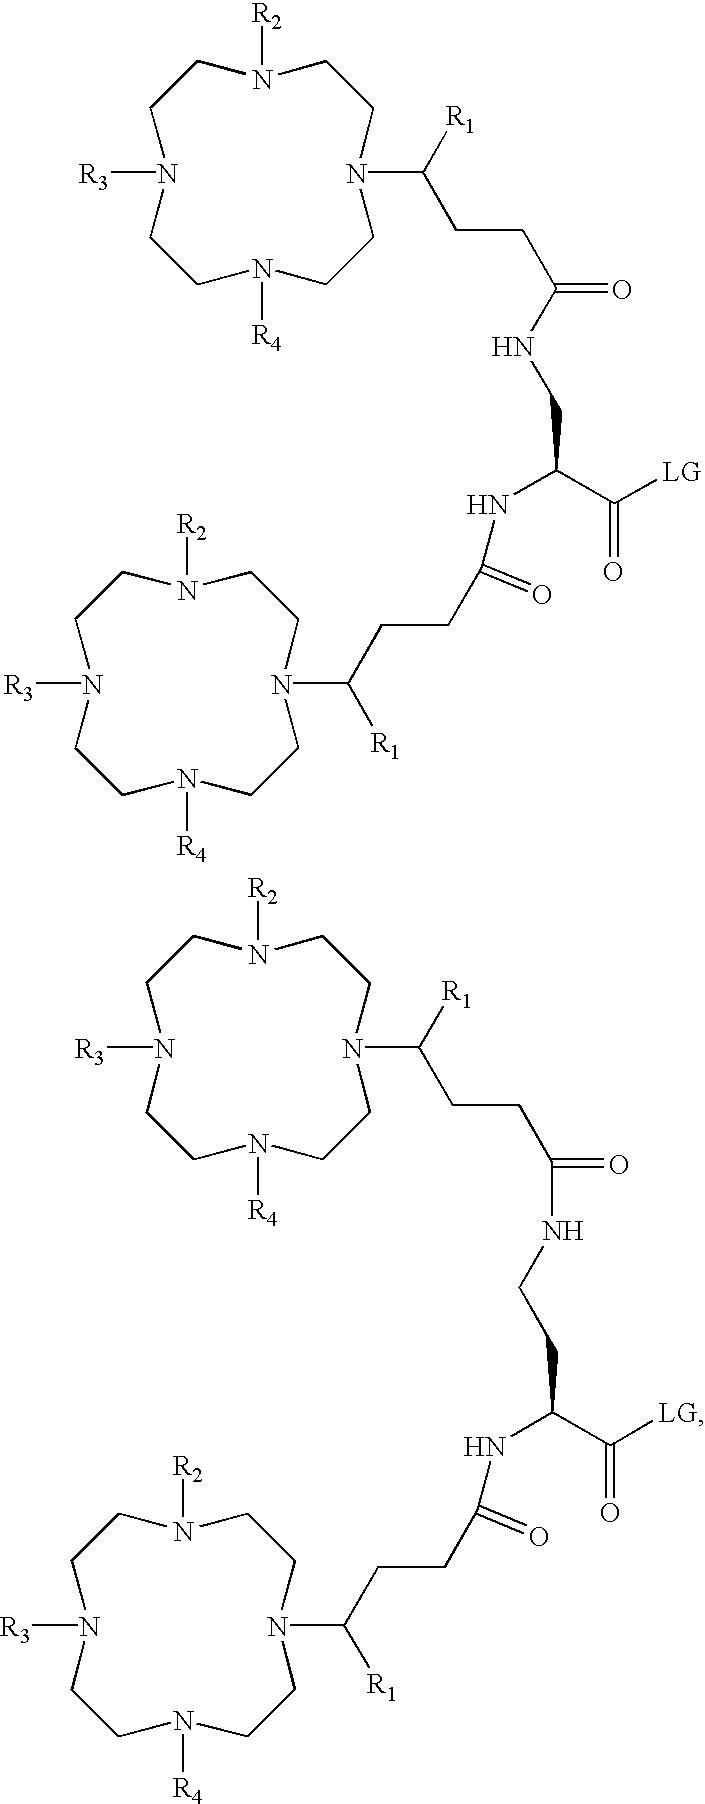 Figure US20030180222A1-20030925-C00013